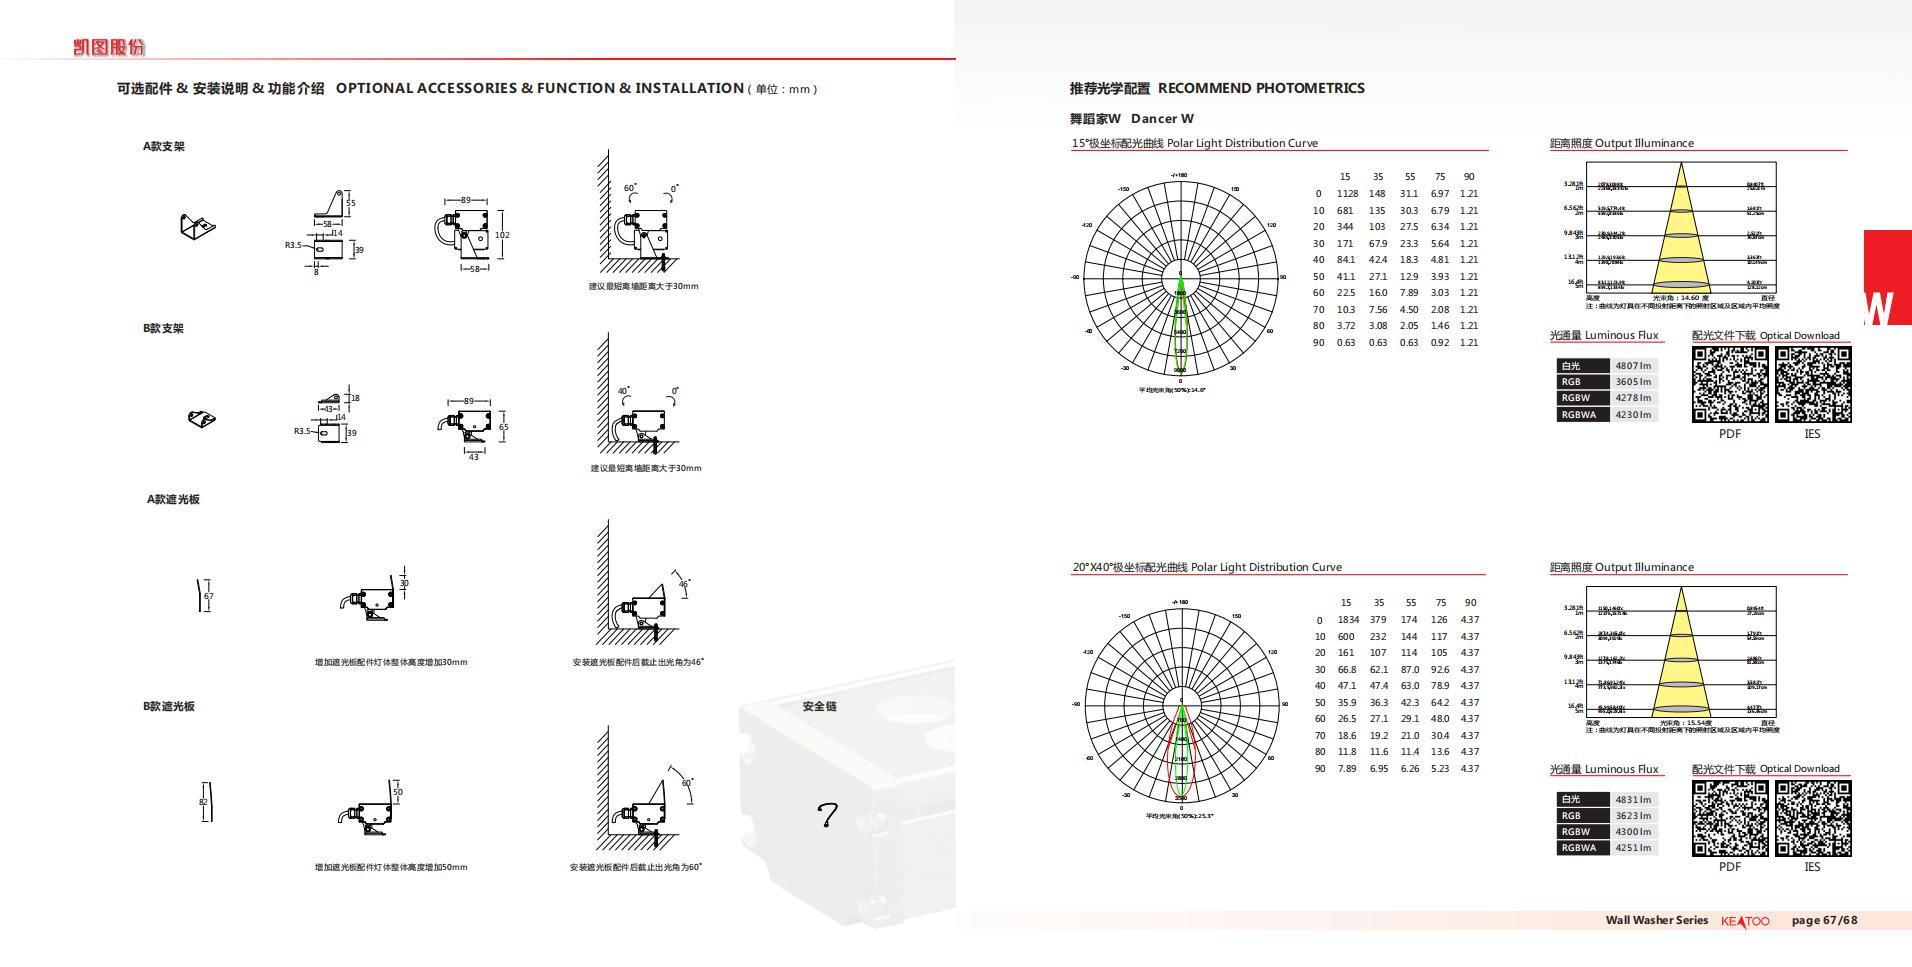 2019凯图产品册目录-定稿版2019.5.31_34